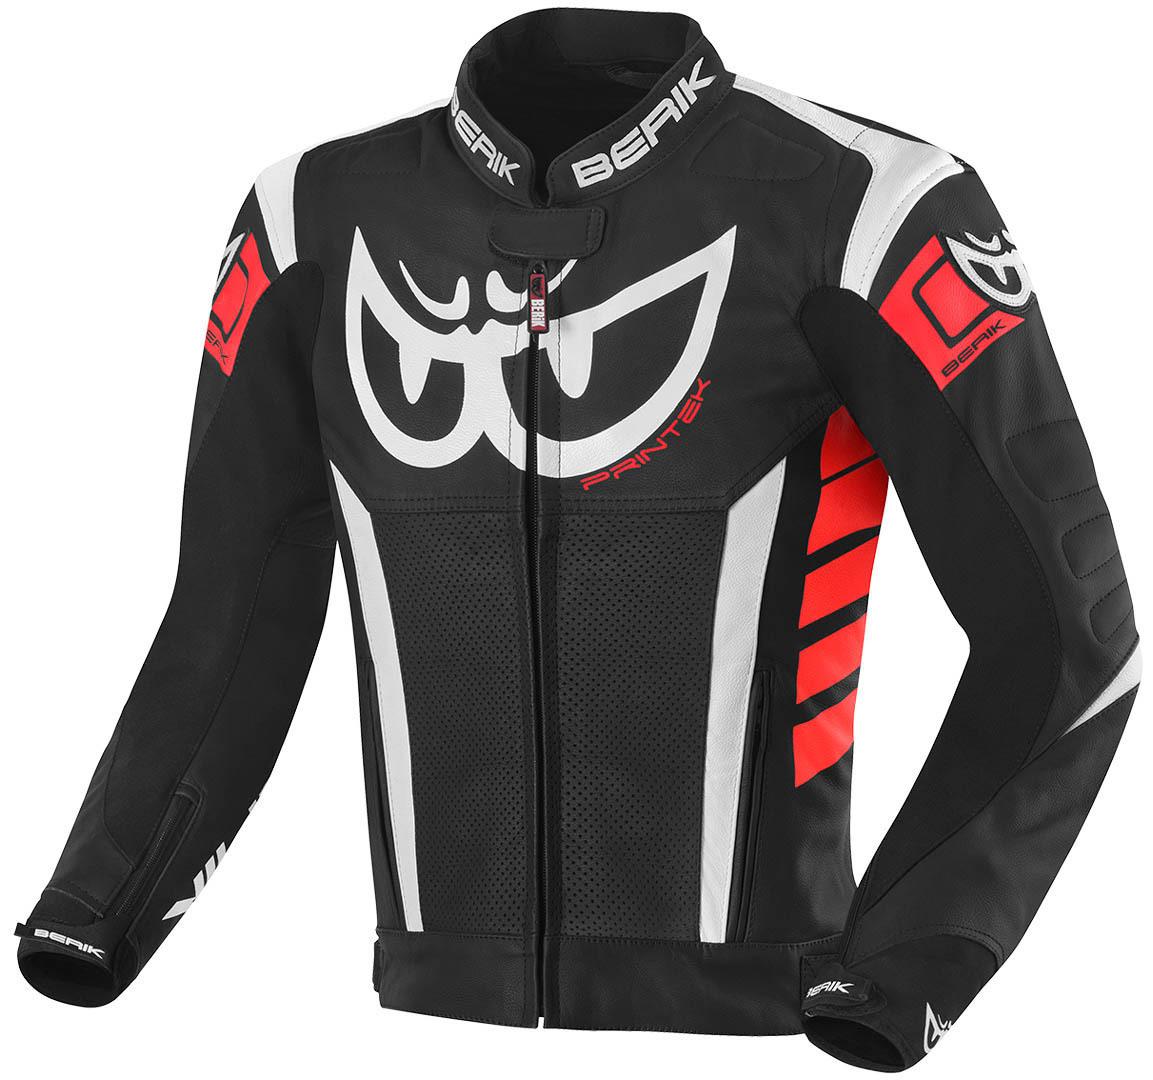 Berik Zakura Motorrad Lederjacke, schwarz-weiss-rot, Größe 58, schwarz-weiss-rot, Größe 58